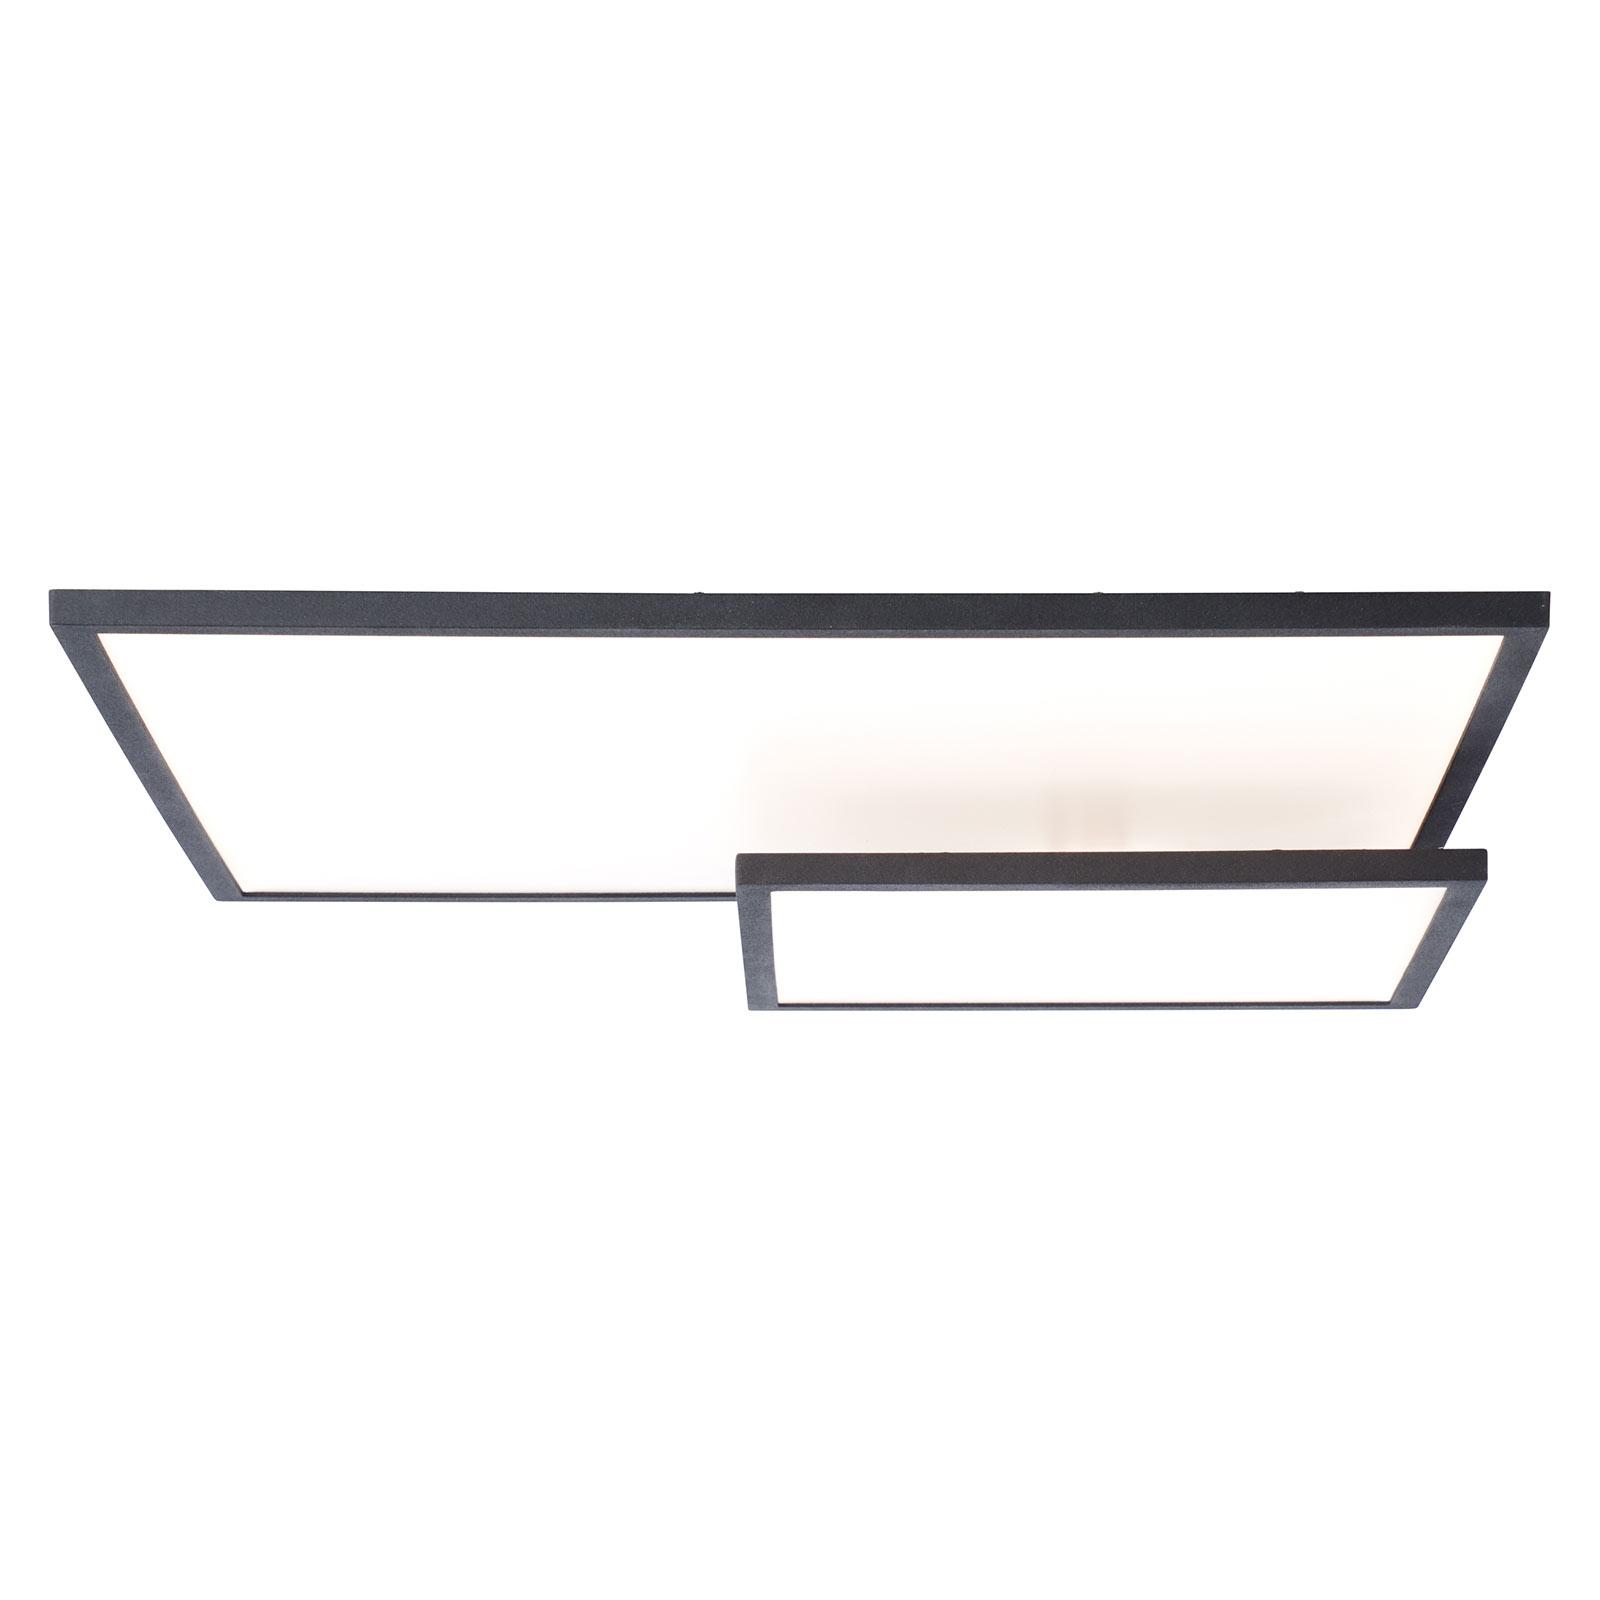 Plafonnier LED Bility, rectangulaire, cadre noir